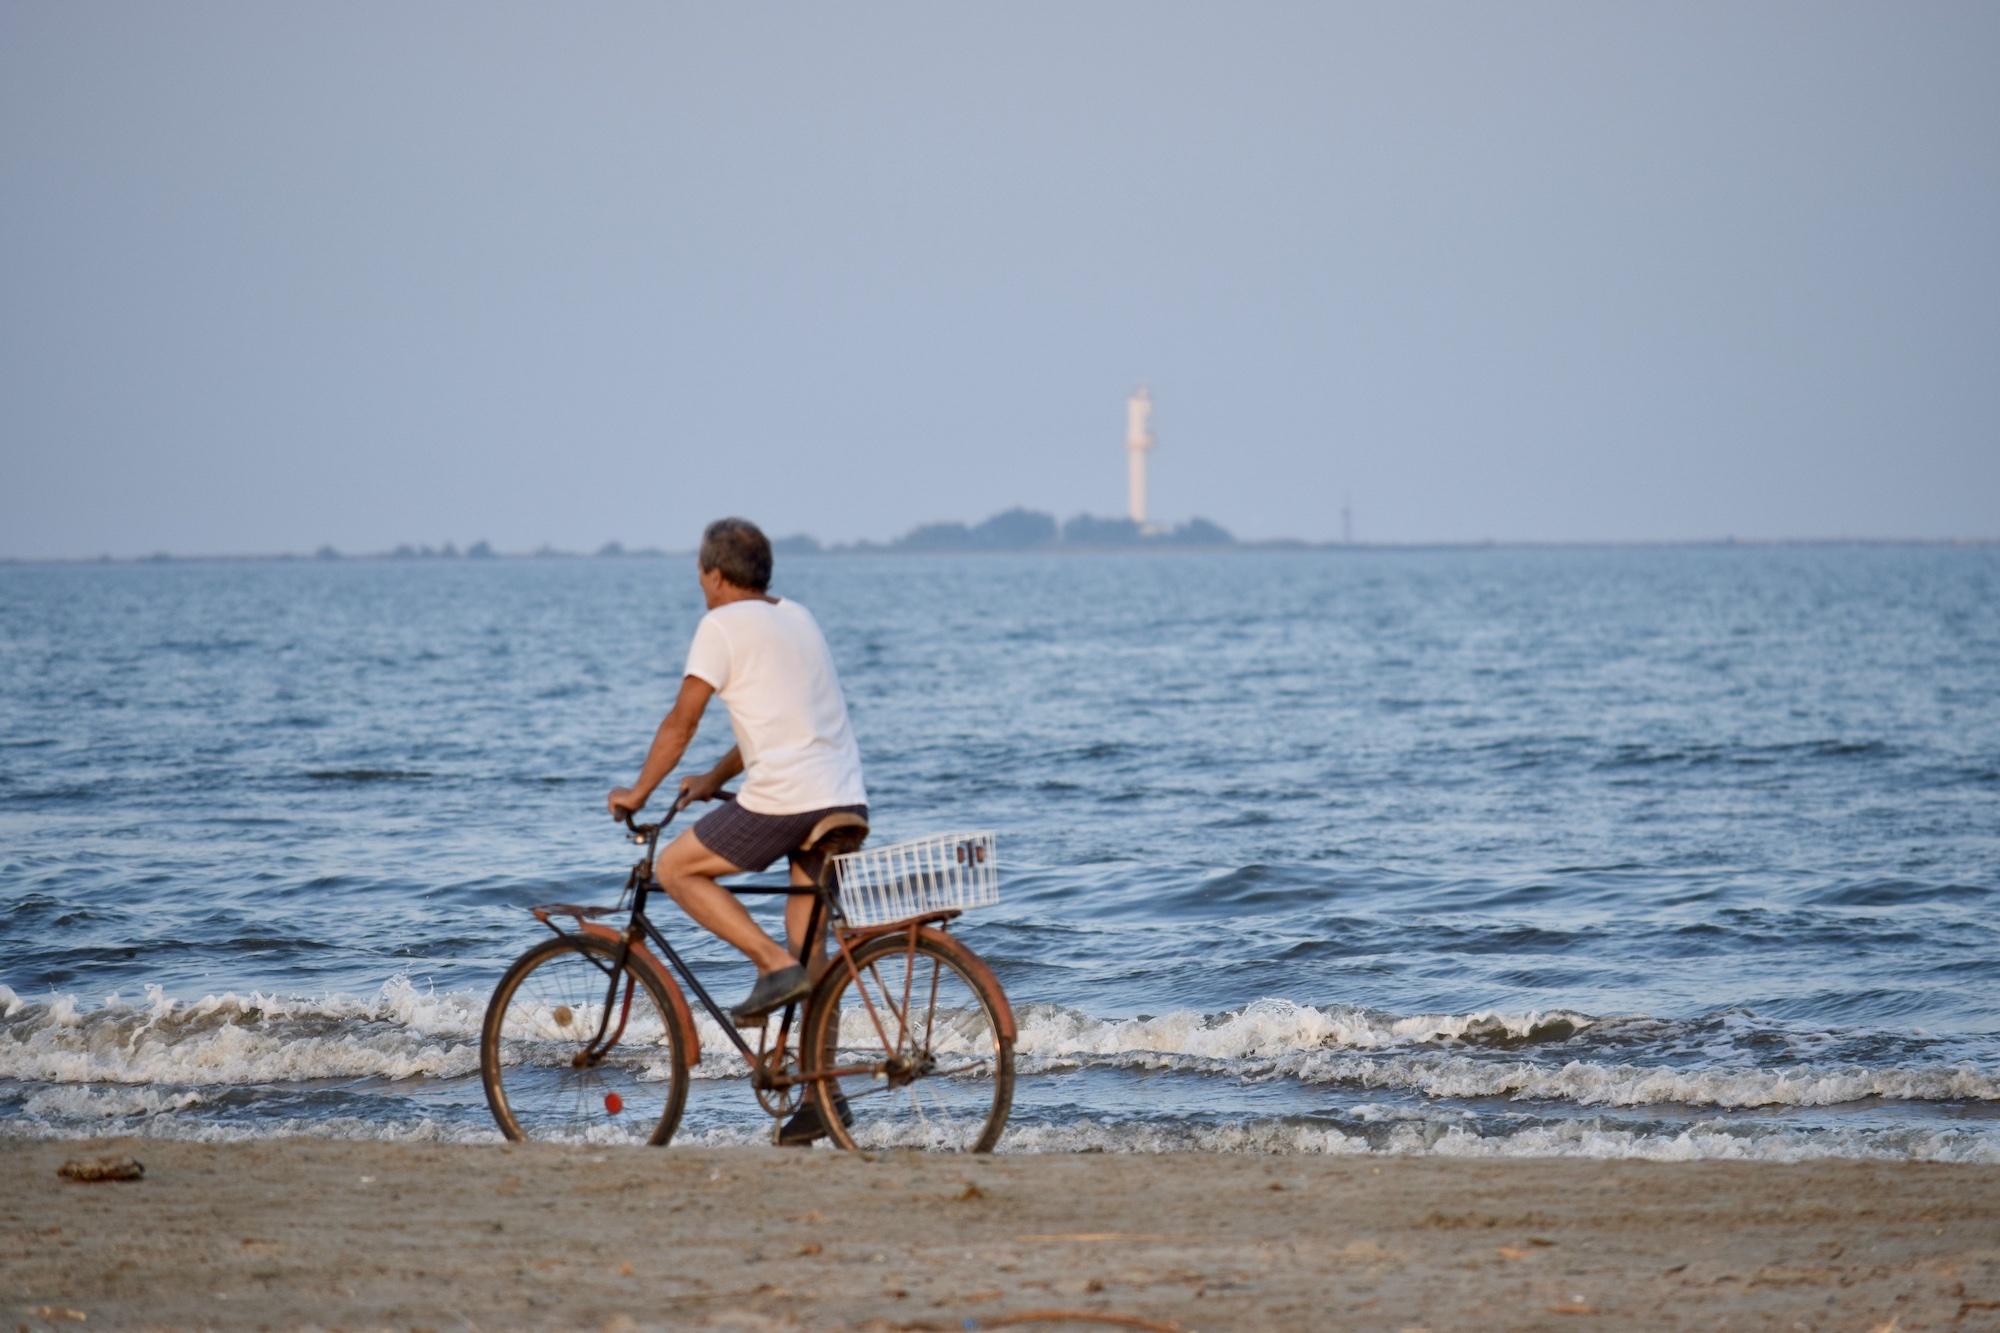 Mare - plimbare cu bicicleta